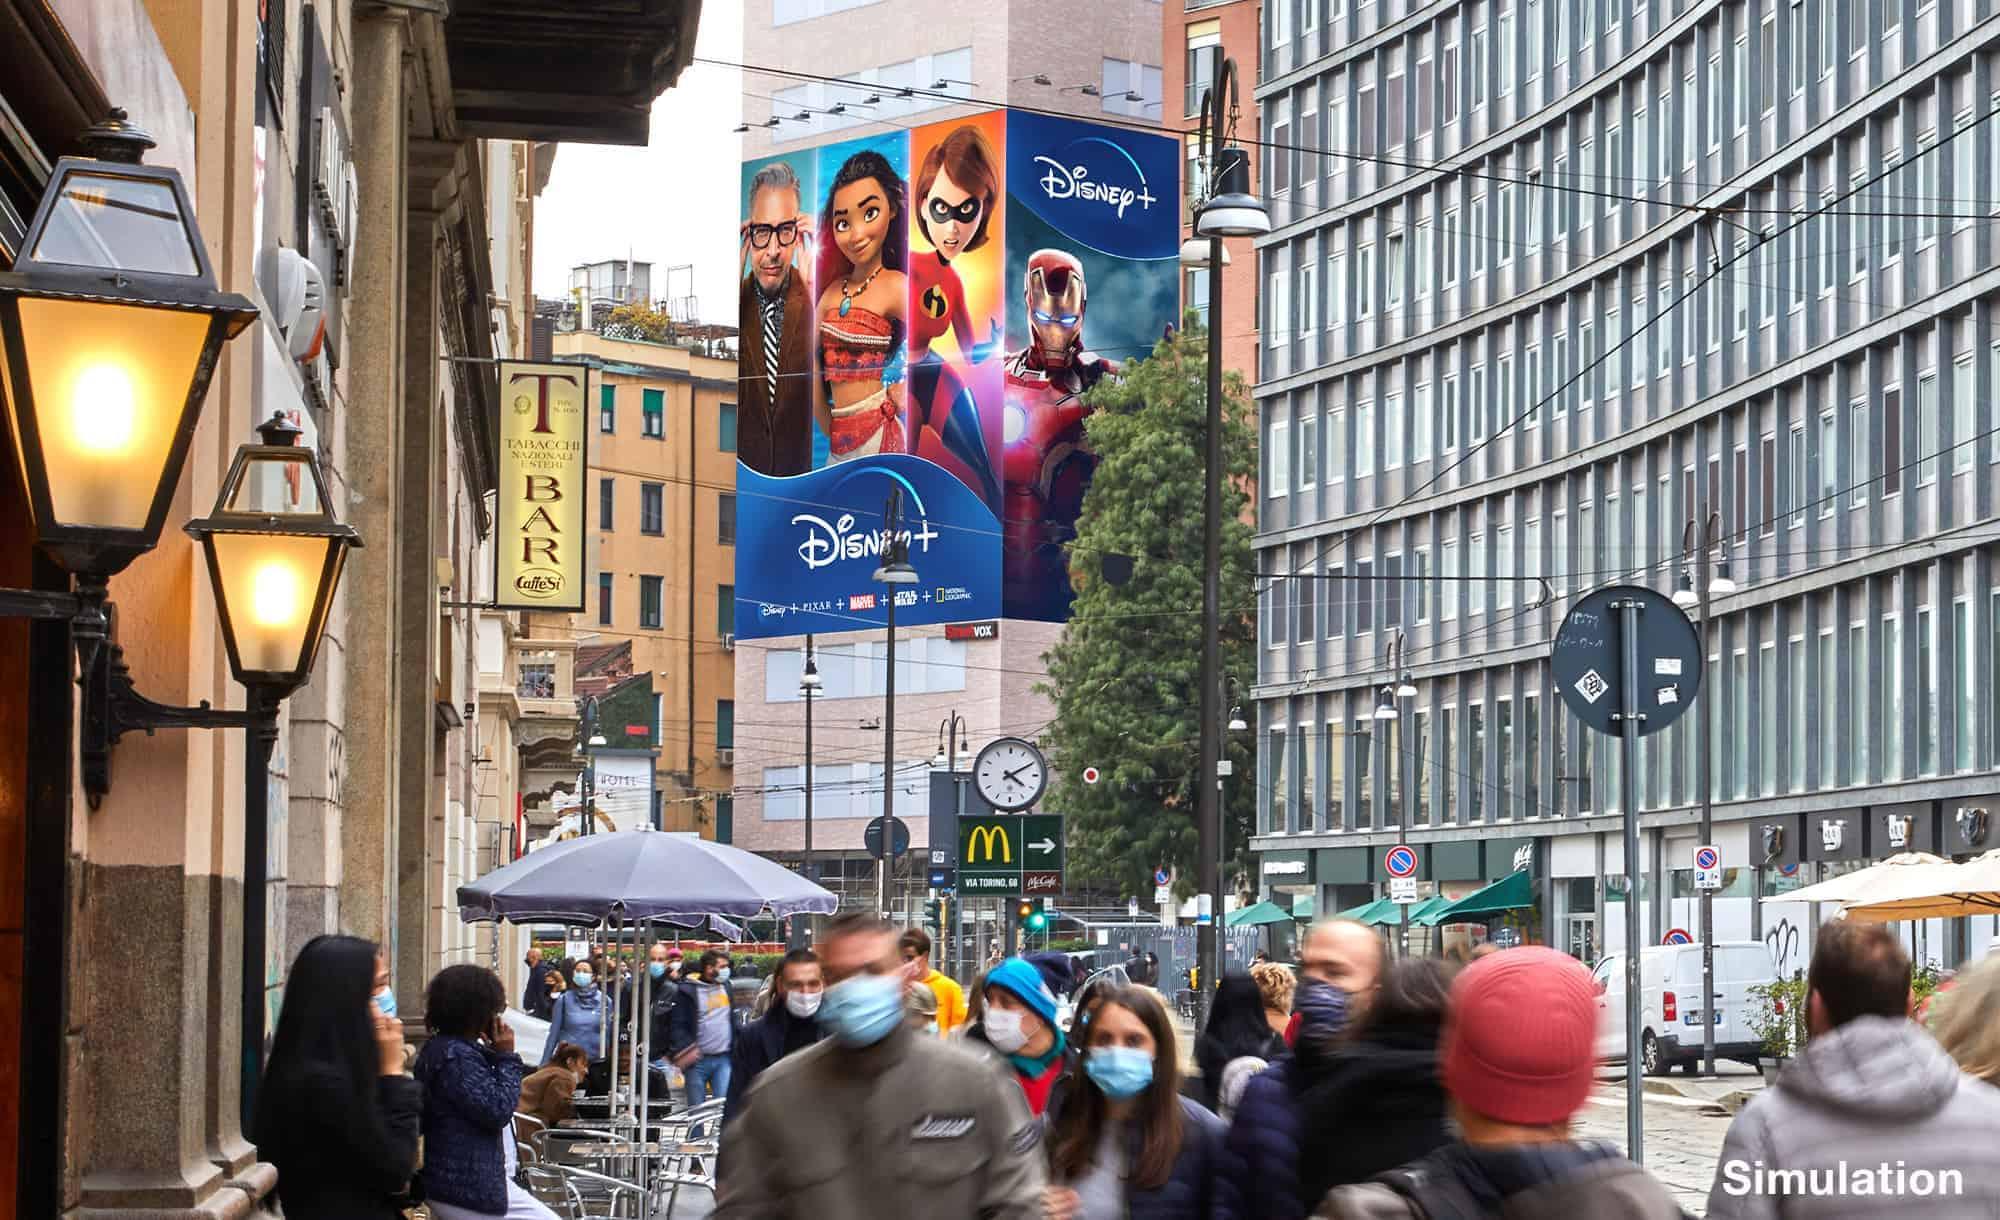 Maxi Affissione Streetvox in Largo Carrobbio su Hotel Ariston a Milano con Disney (movie)